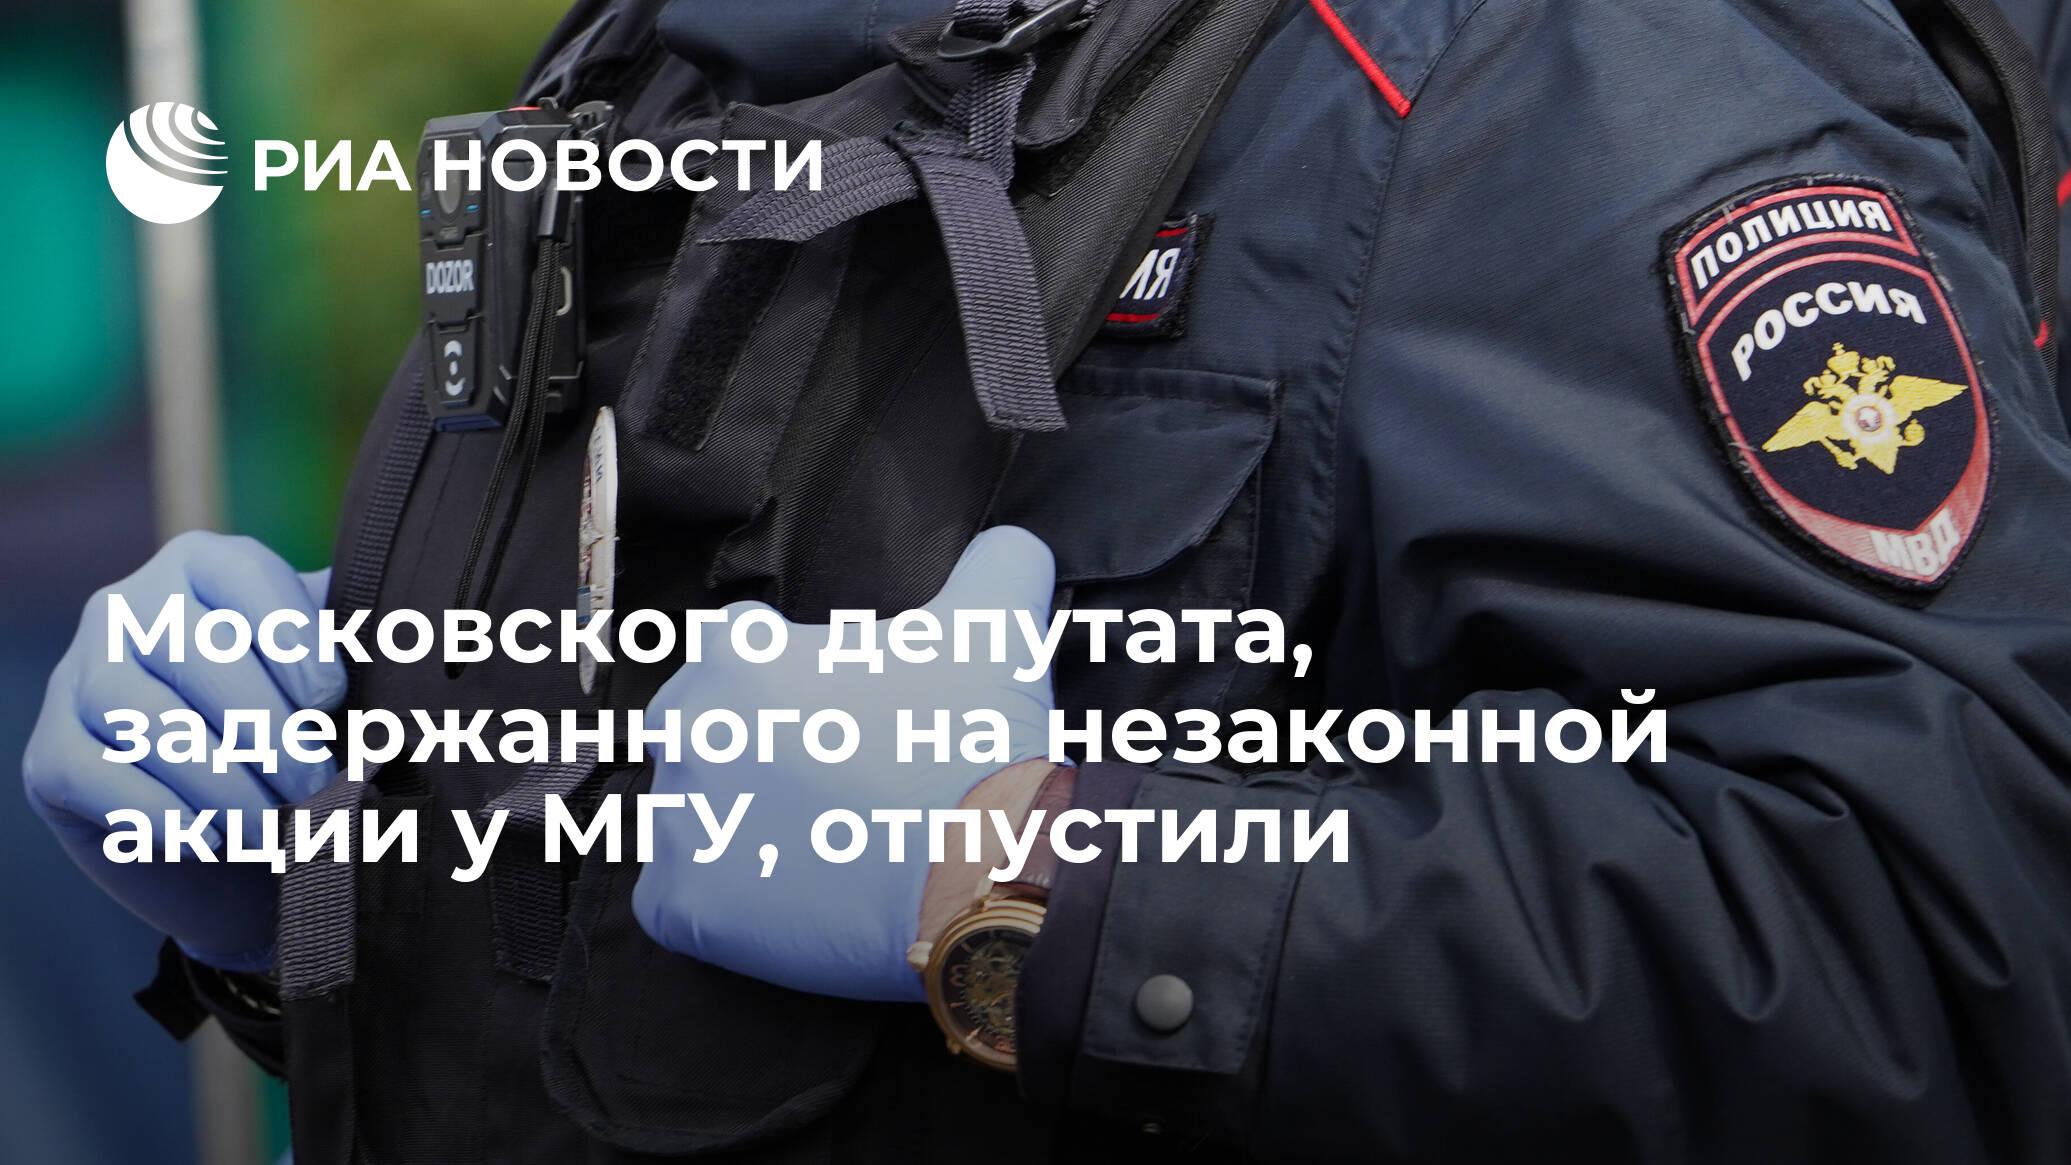 новости самара 16 05 2021 задержание